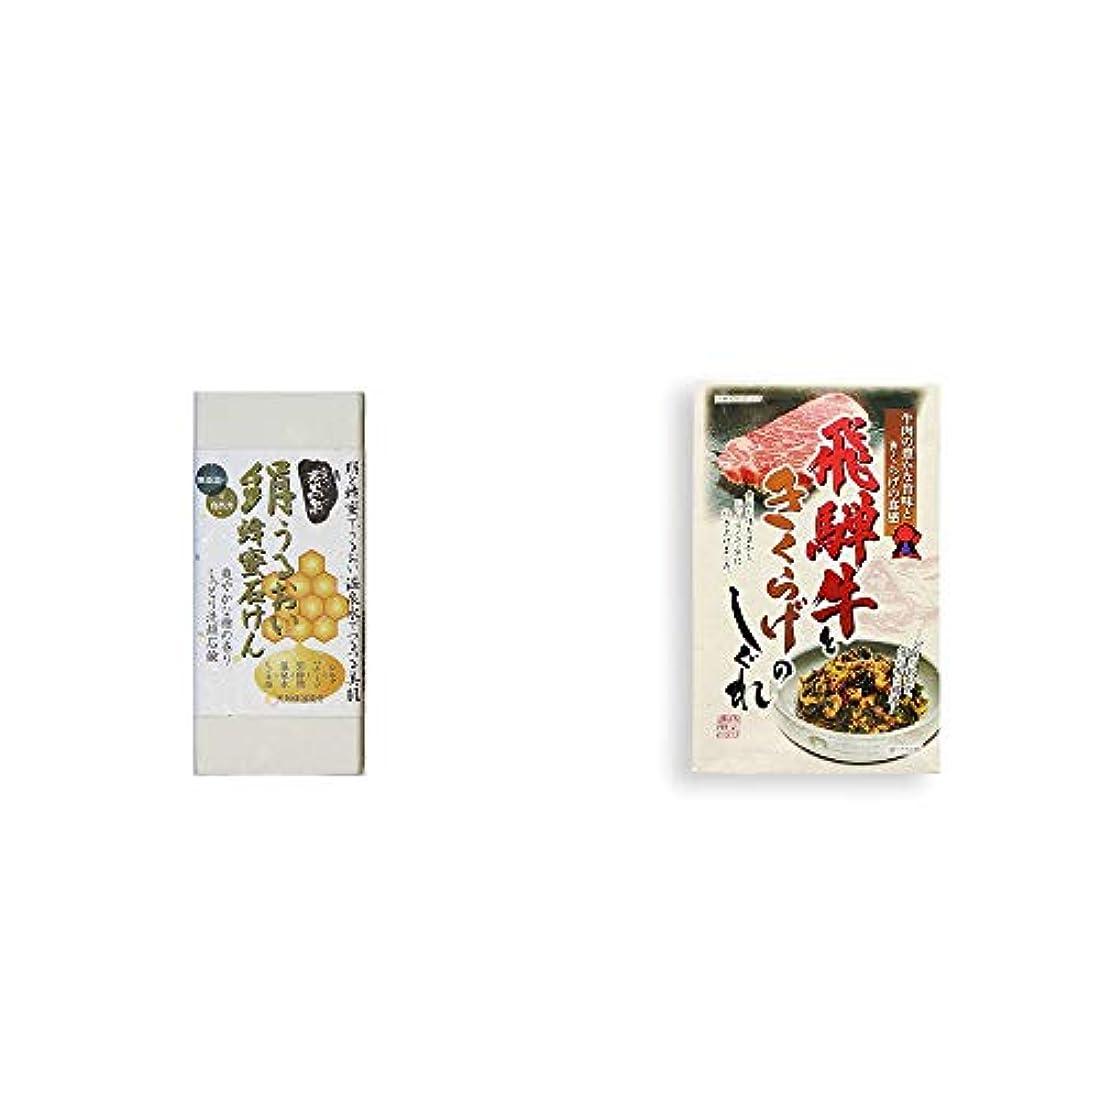 ラブチート突撃[2点セット] ひのき炭黒泉 絹うるおい蜂蜜石けん(75g×2)?飛騨牛ときくらげのしぐれ(200g)